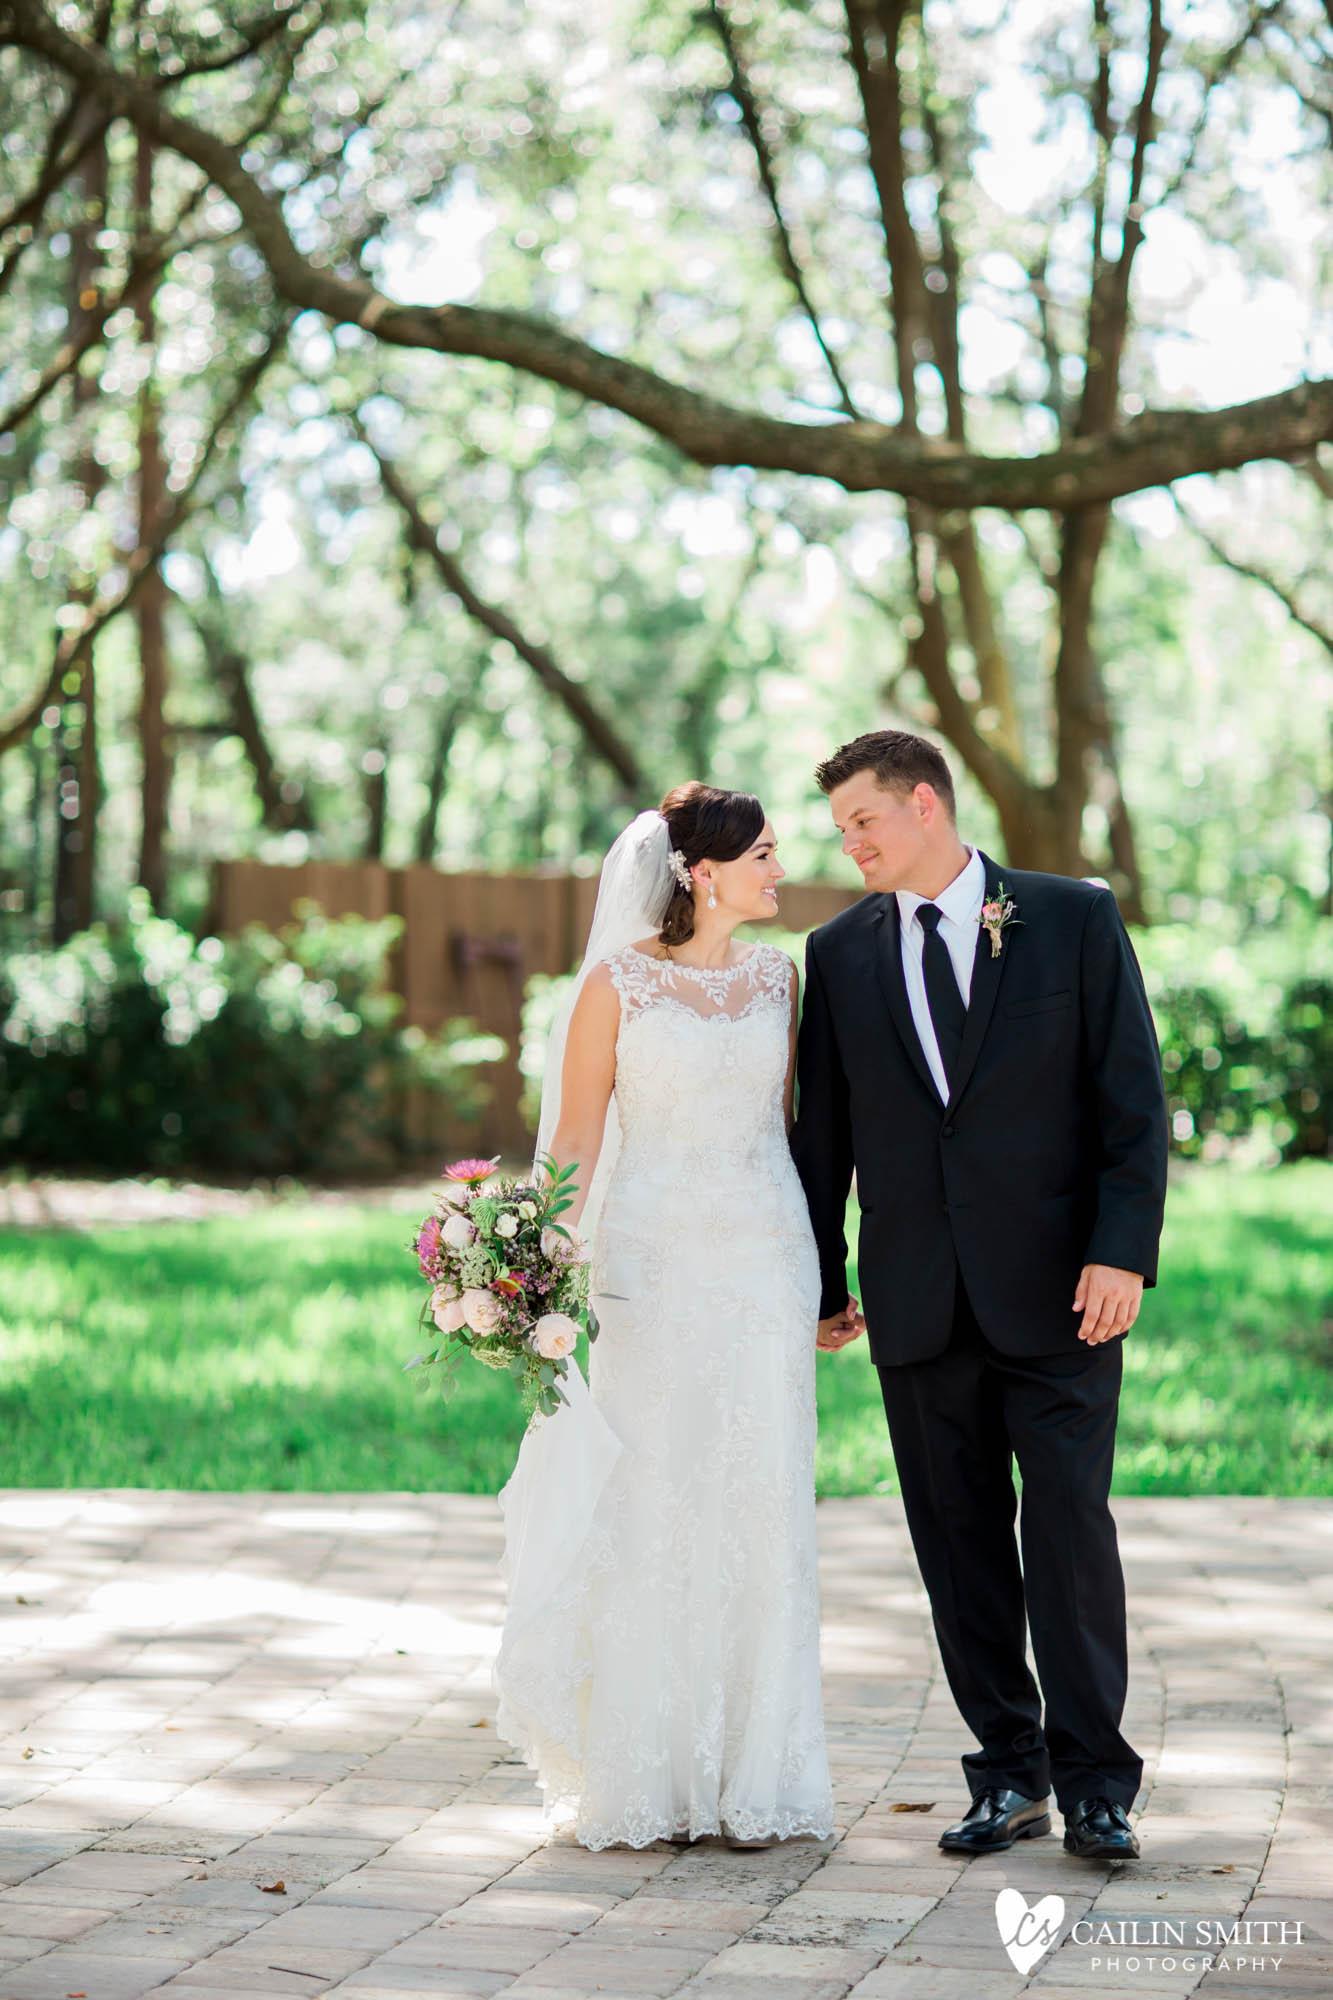 Bethany_Kyle_Bowing_Oaks_Plantation_Wedding_Photography_0043.jpg